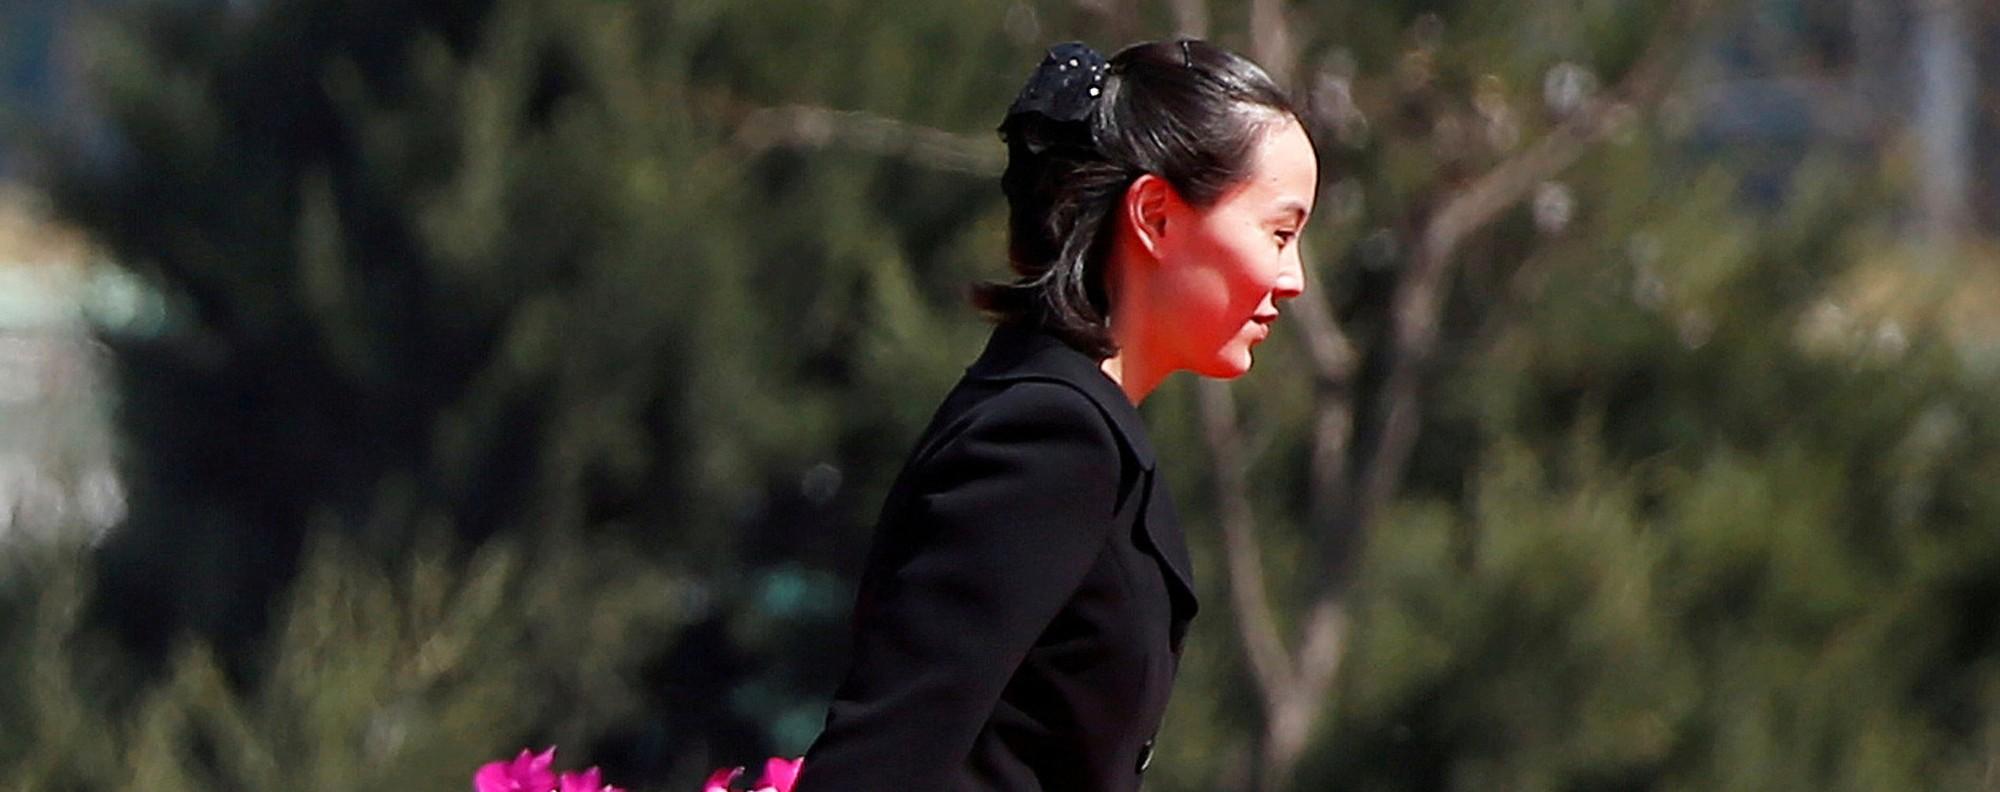 Kim Yo-jong. Photo: Reuters